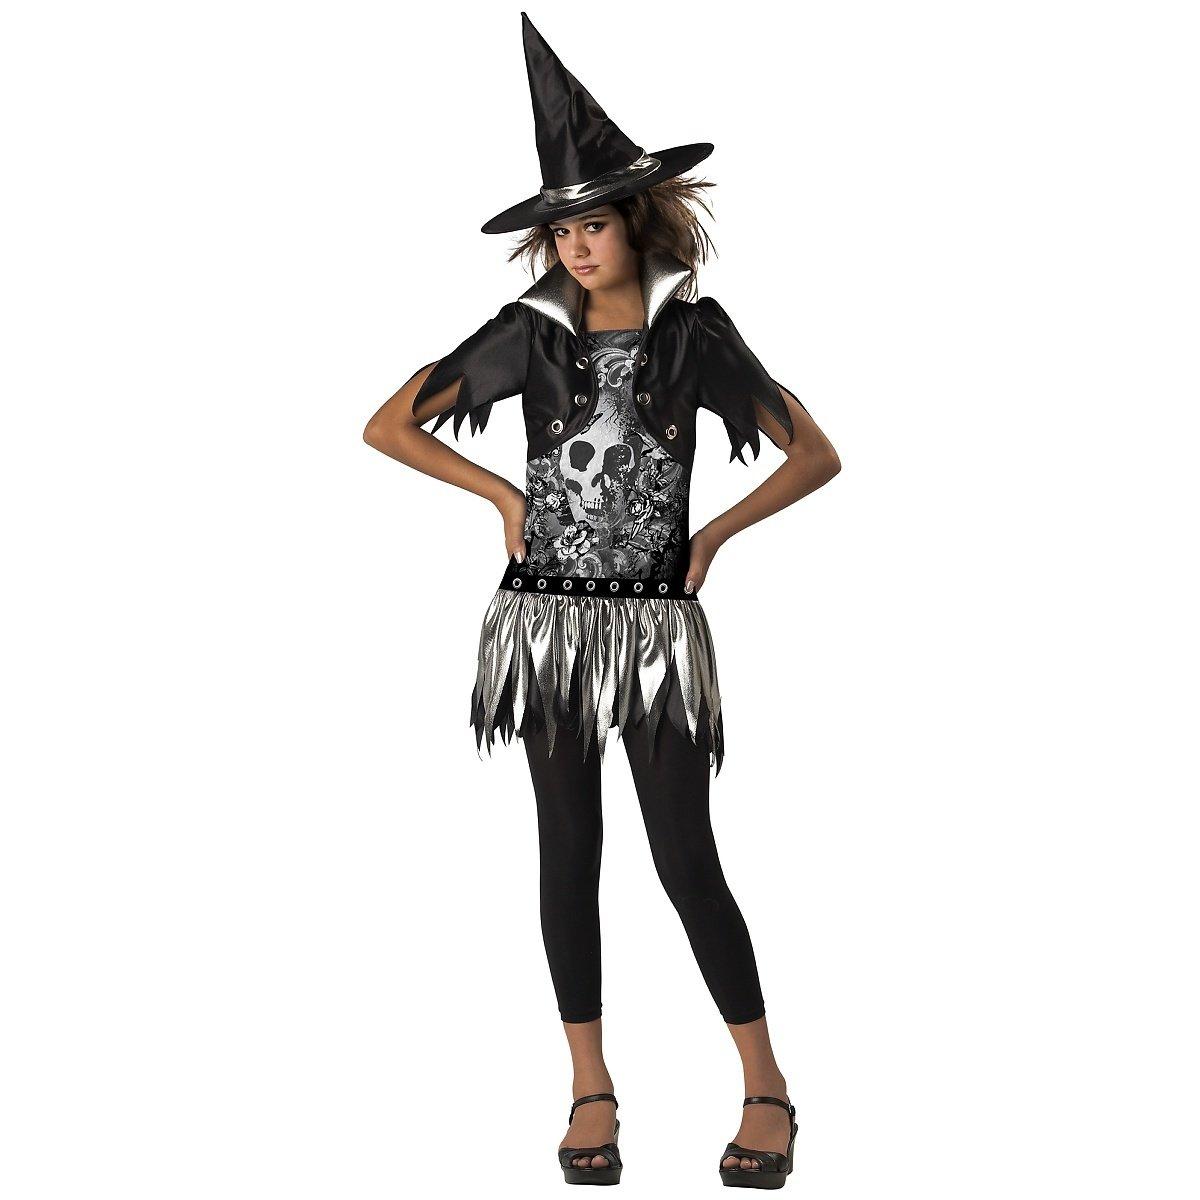 In Character Kost-me 180948 Gothic Witch Kost-m Schwarz Tween Tween - 8-10